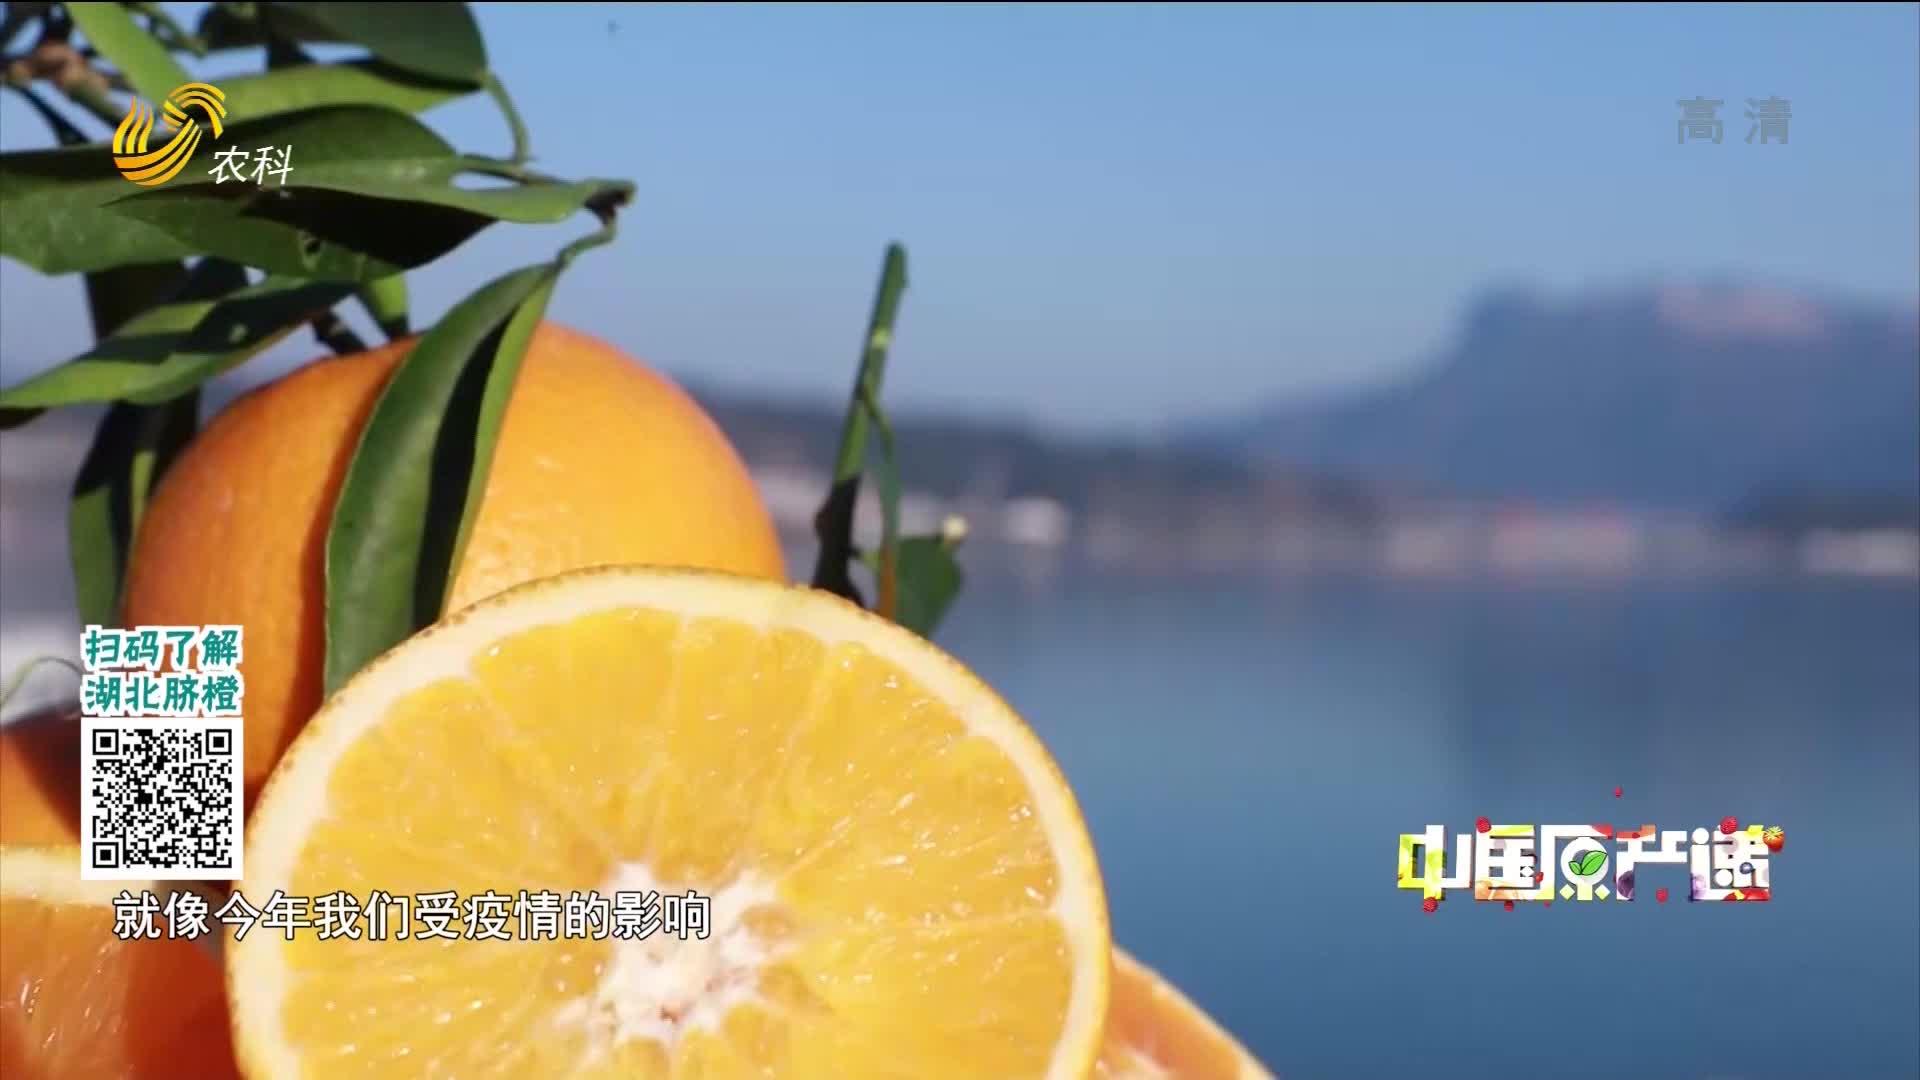 20210225《中国原产递》:秭归脐橙